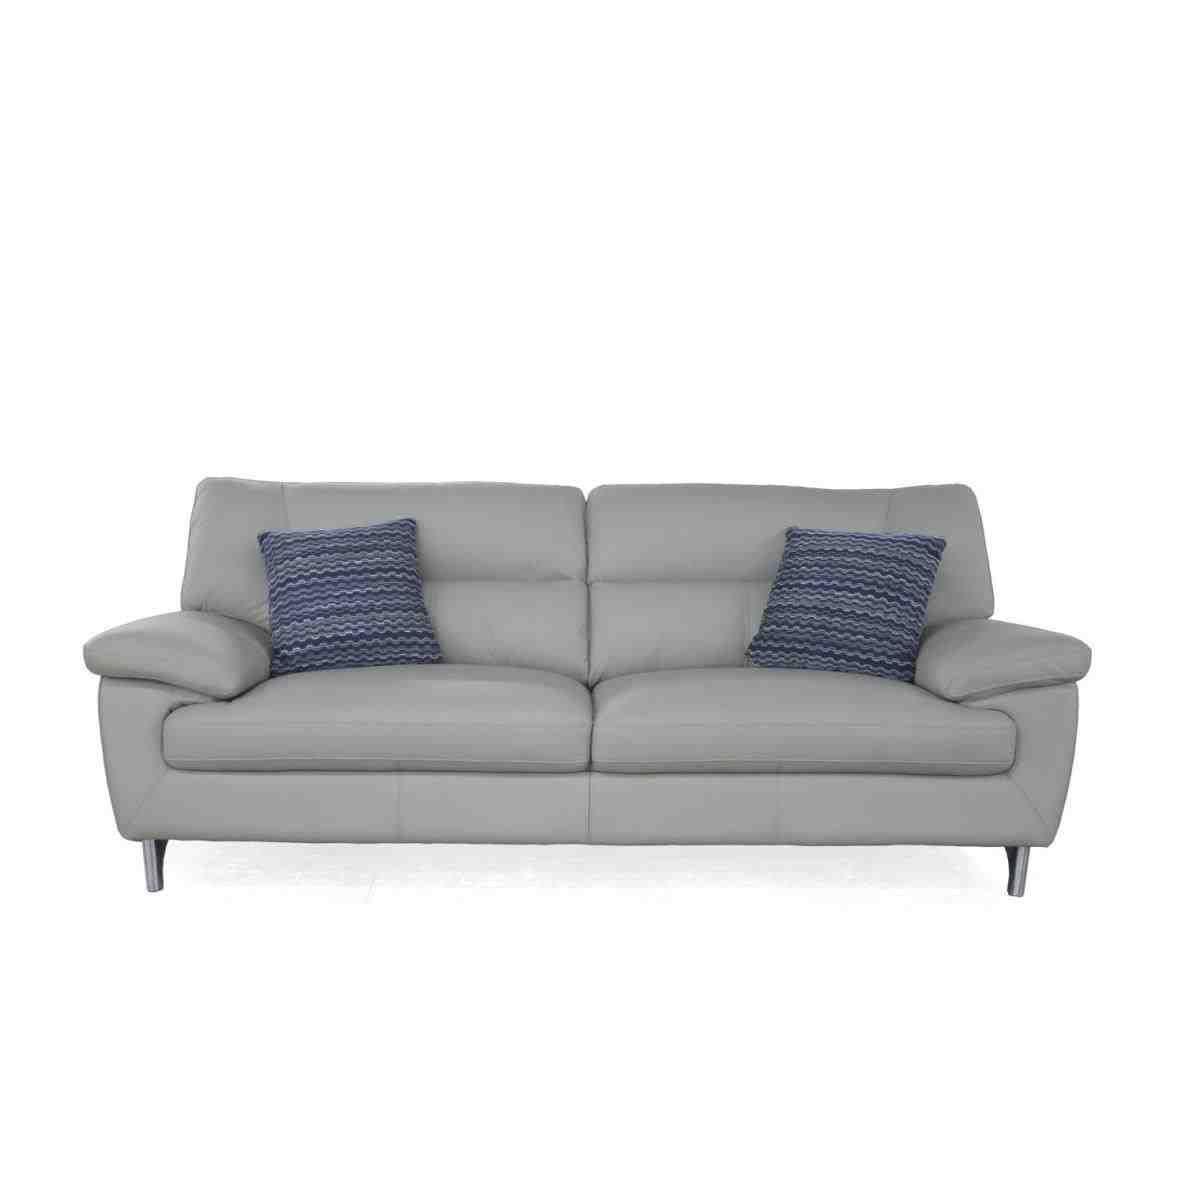 Cheap Leather Sofas Uk White Leather Sofa And Loveseat Set Uk